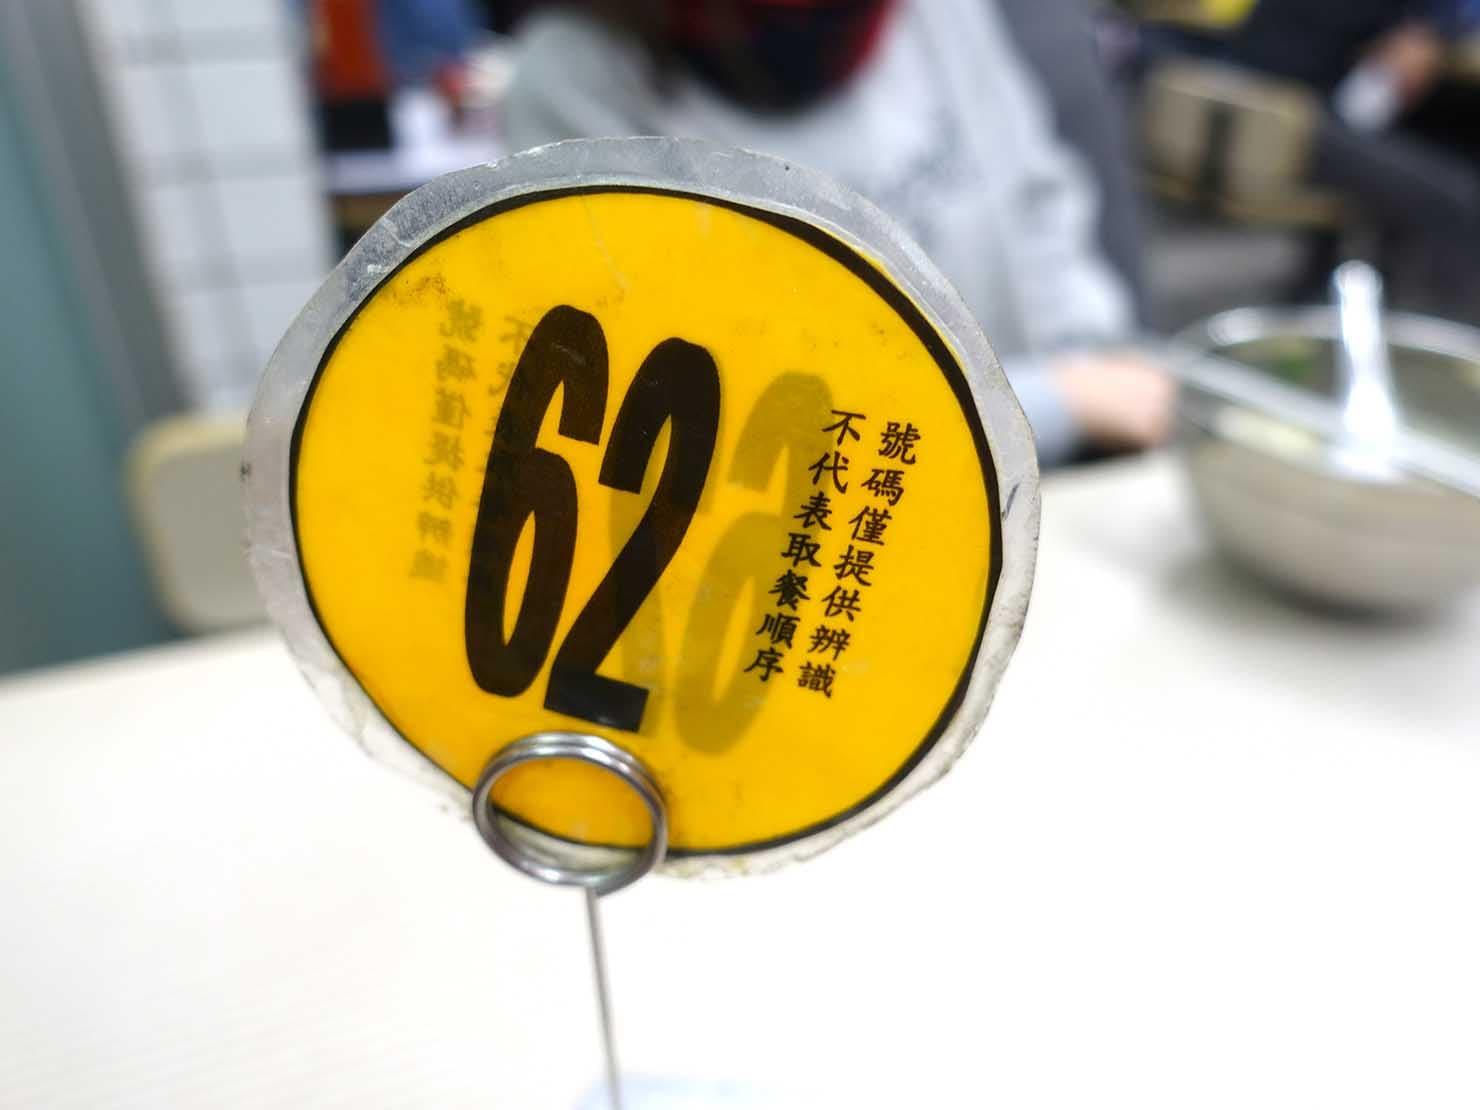 台北・東門のおすすめグルメ店「政江號」の番号札